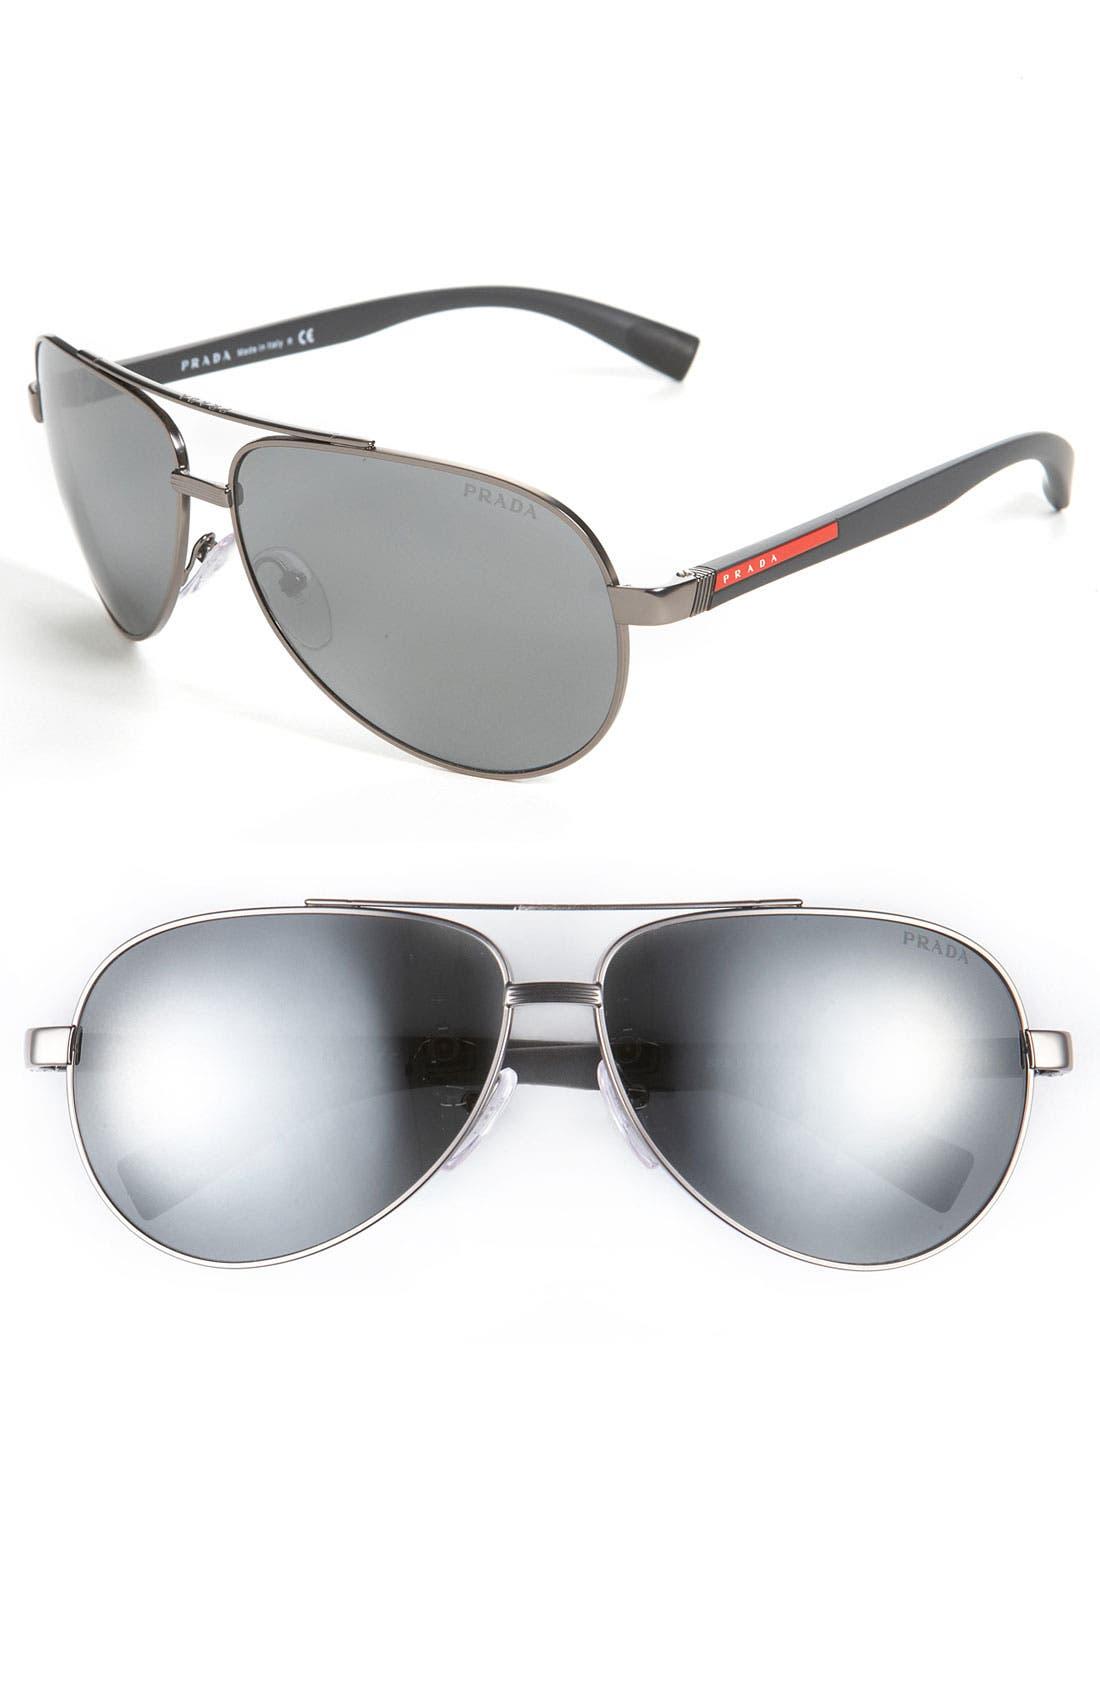 Alternate Image 1 Selected - Prada 63mm Metal Aviator Sunglasses